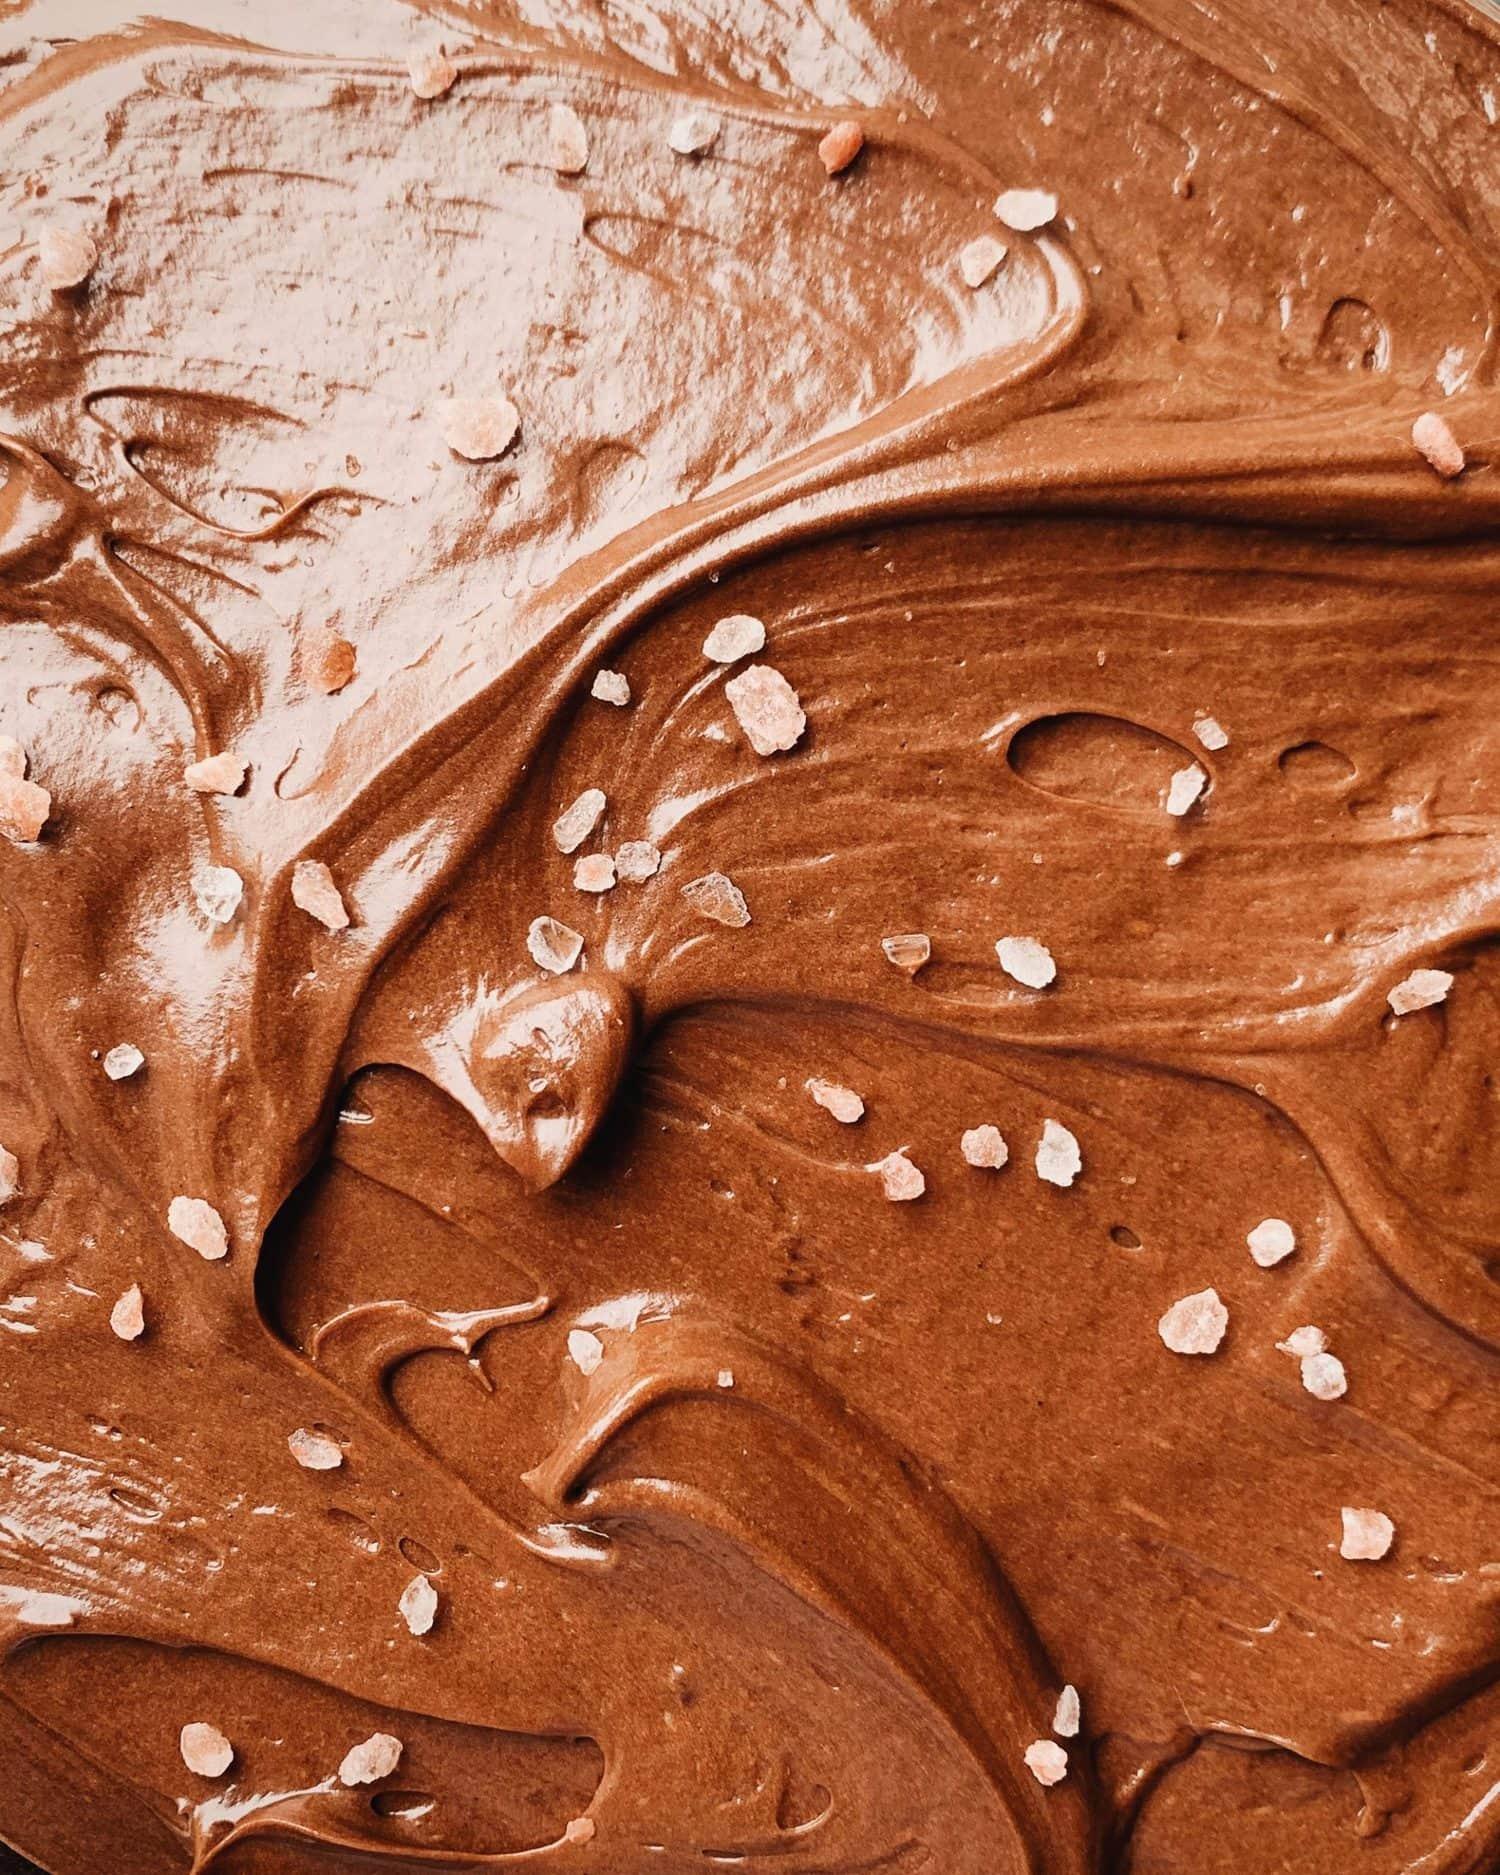 chocolate muy de cerca para ver la textura.